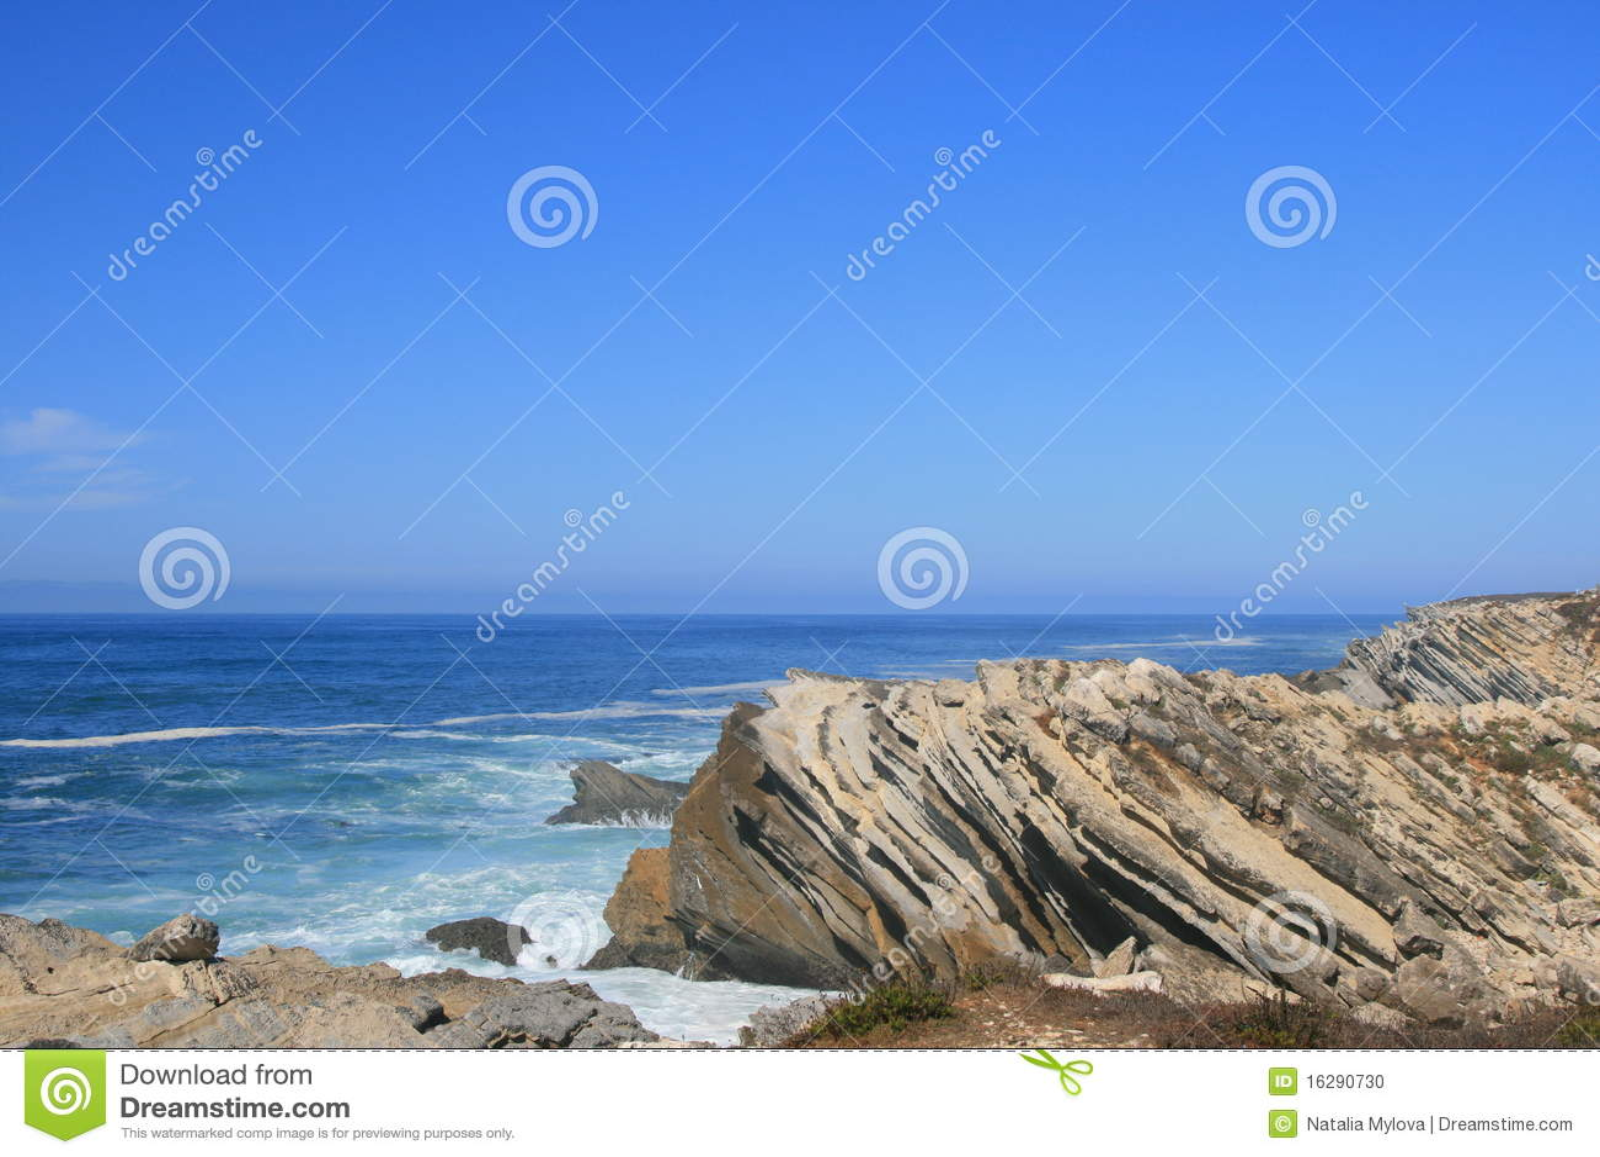 on stones ocean - photo #14